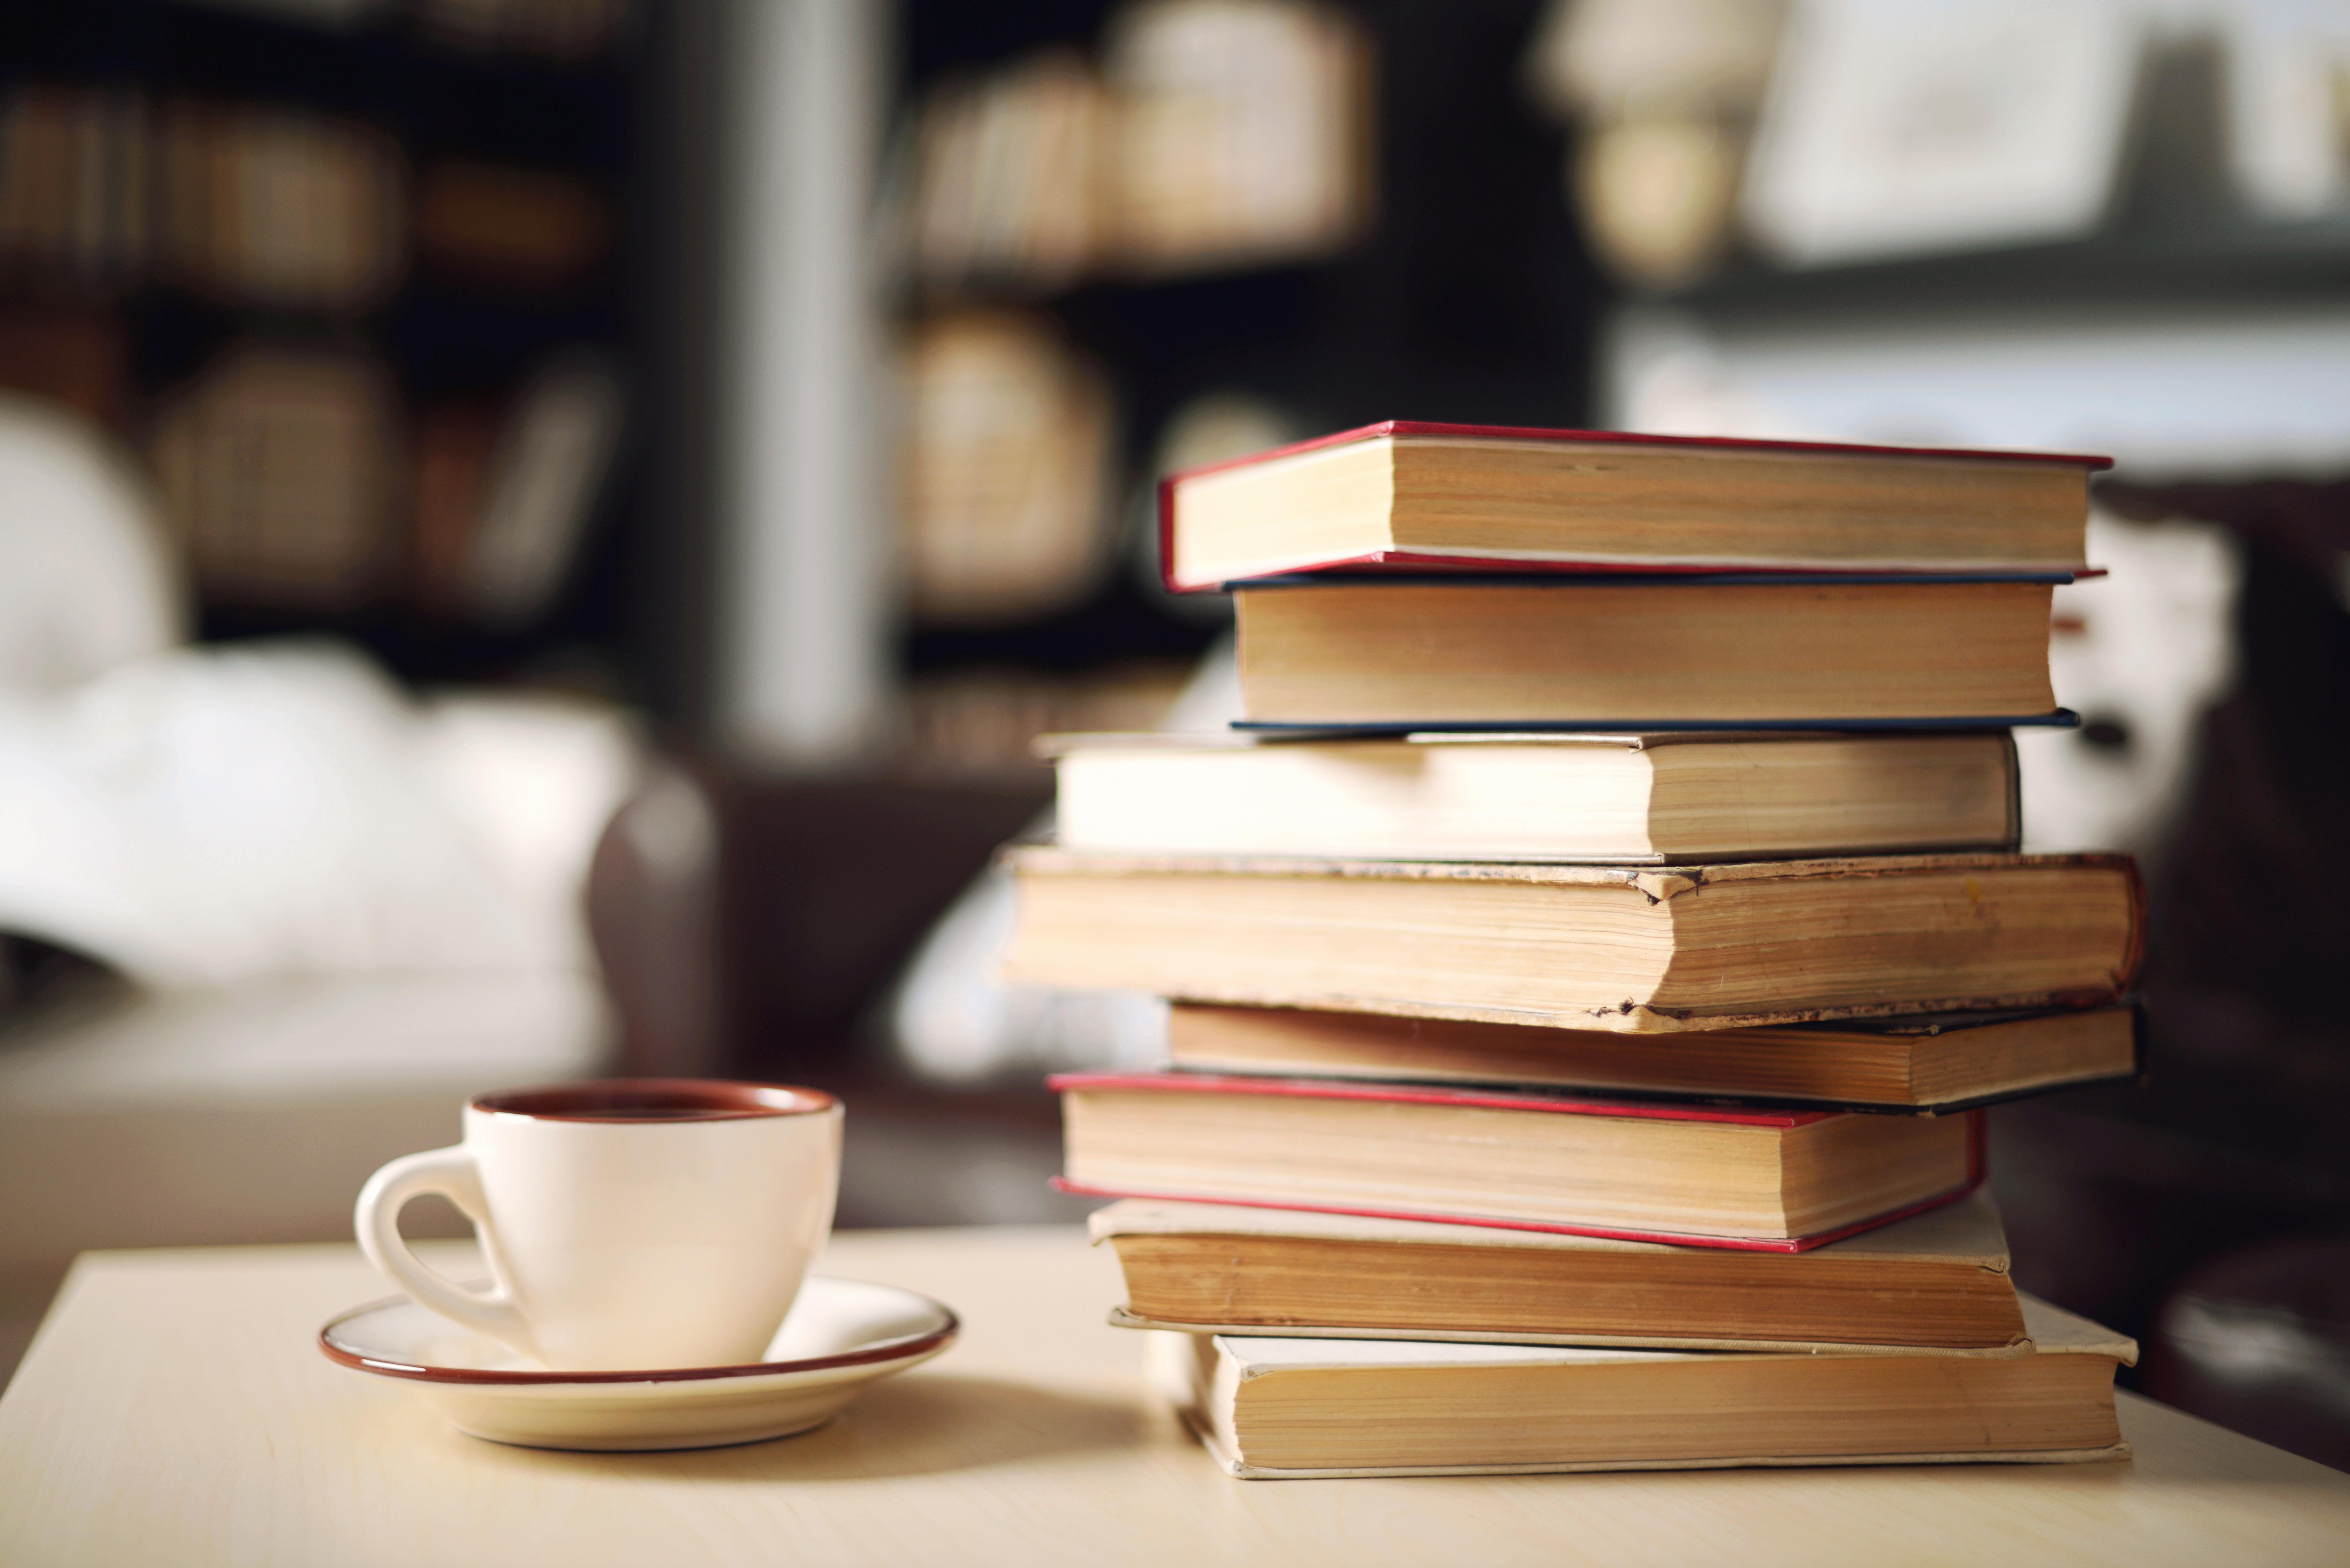 109702687f5c4c38986333623d19b652 ¿Por qué los grandes líderes son grandes lectores?